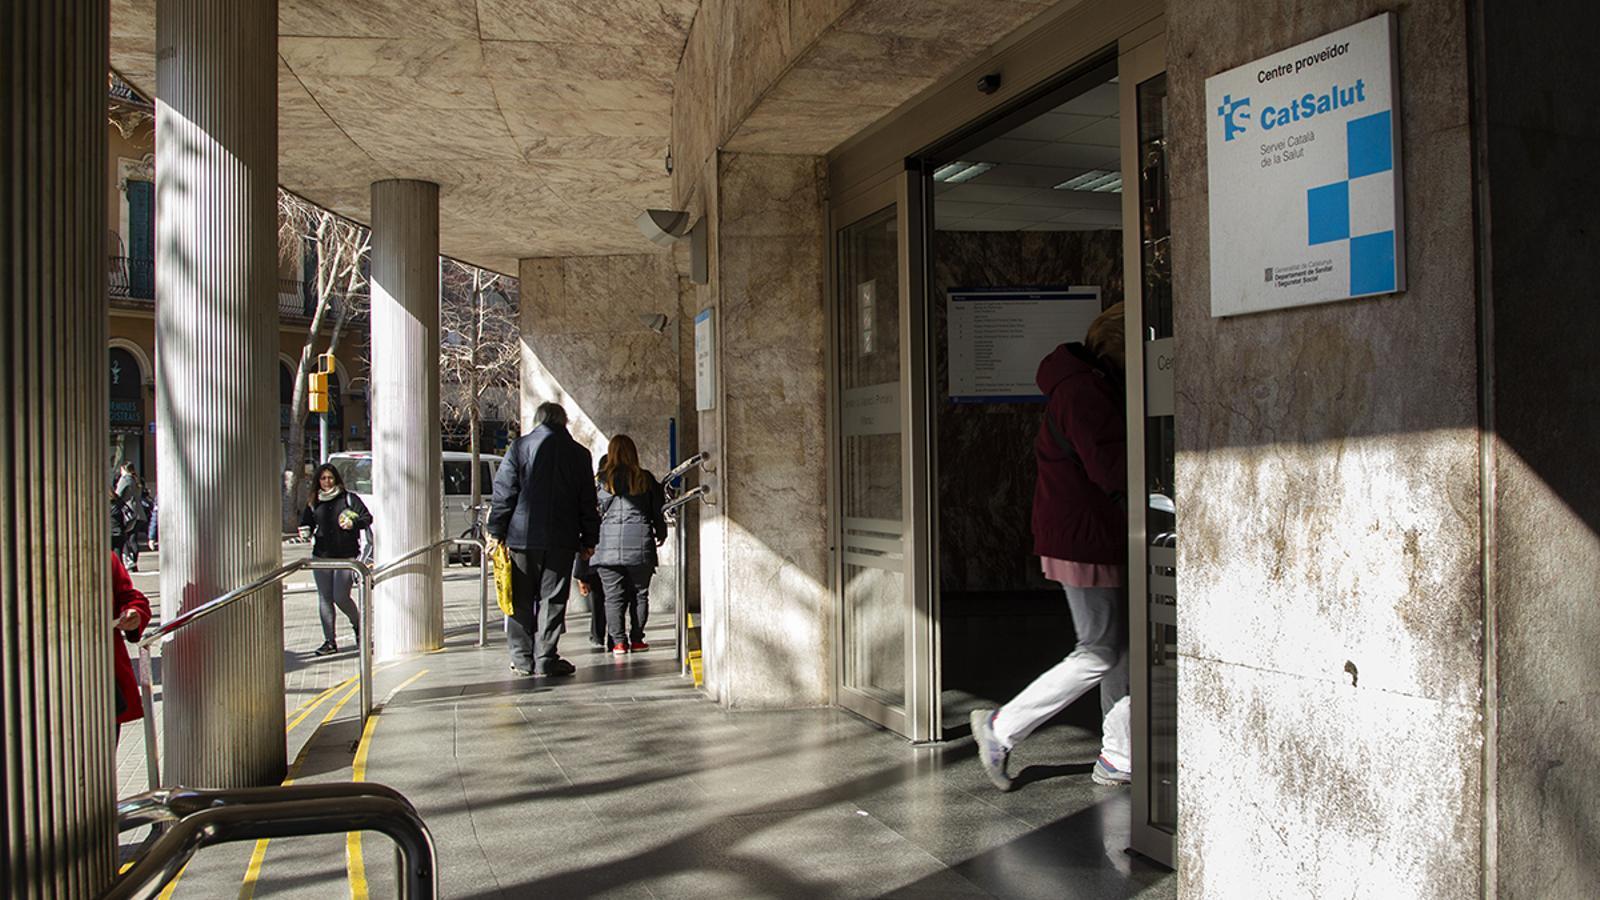 CAP del carrer Manso al barri de Sant Antoni de Barcelona